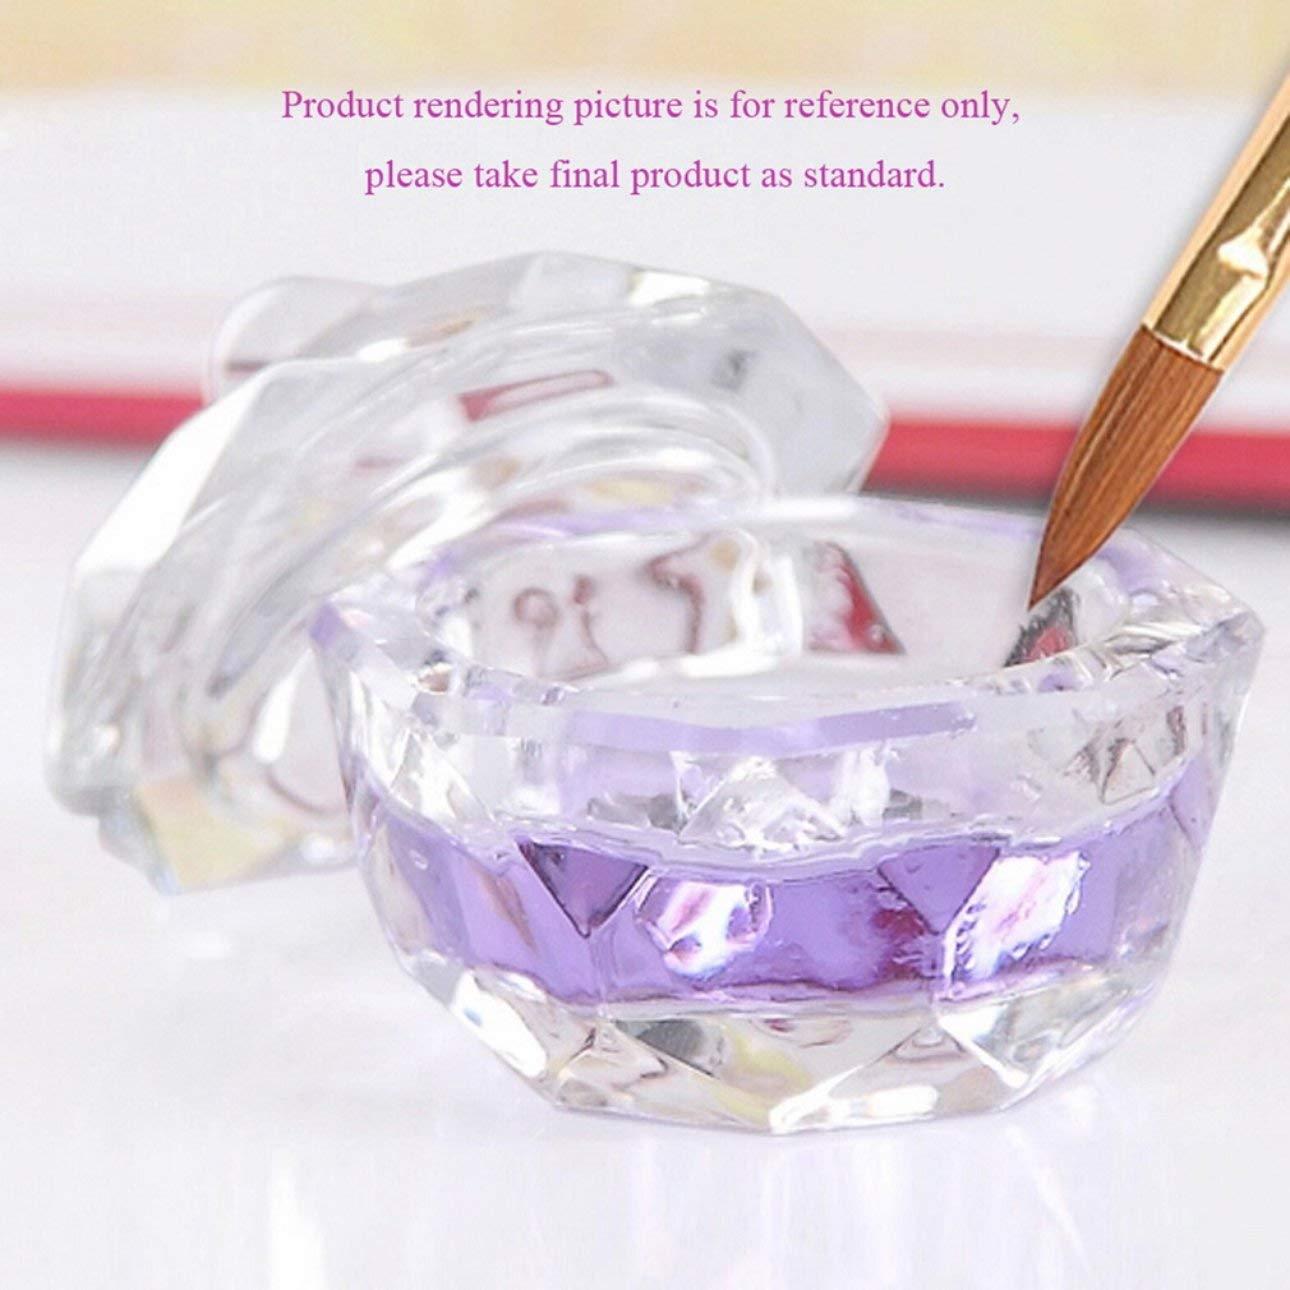 Ballylelly Nuevo arte del clavo de acrí lico cristal de vidrio Dappen tazó n vaso transparente Herramientas de uñ as